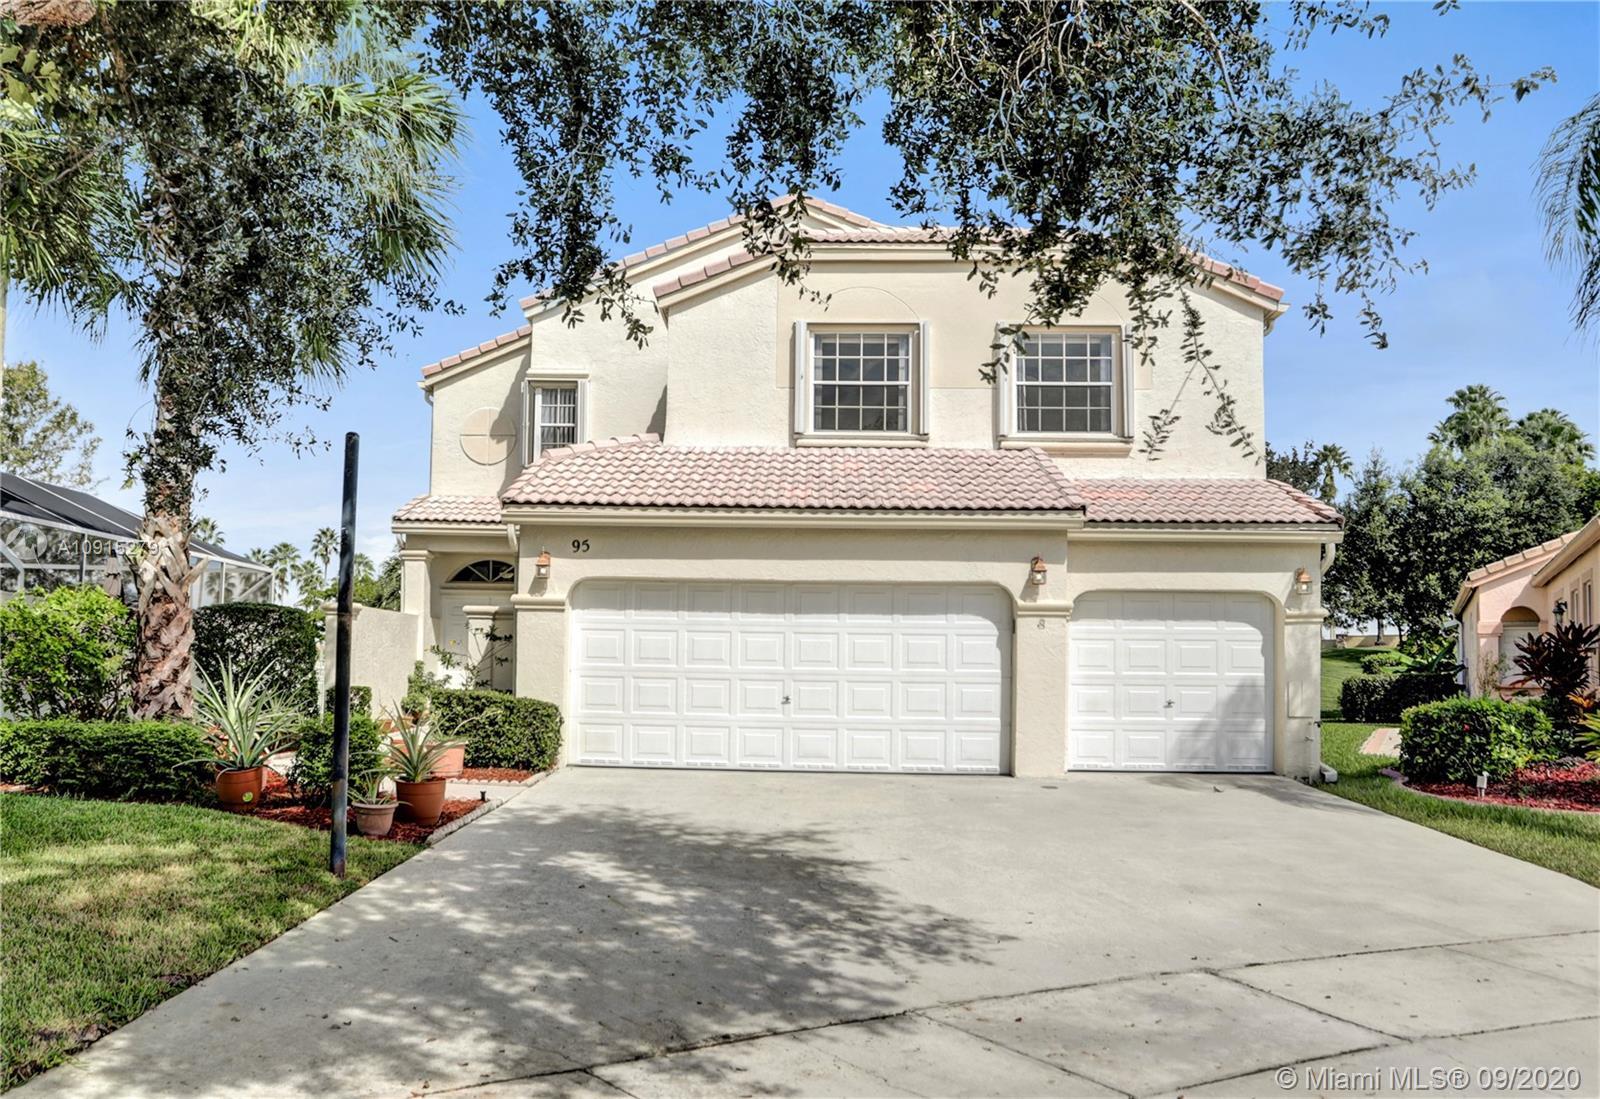 Towngate - 95 NW 156th Ln, Pembroke Pines, FL 33028